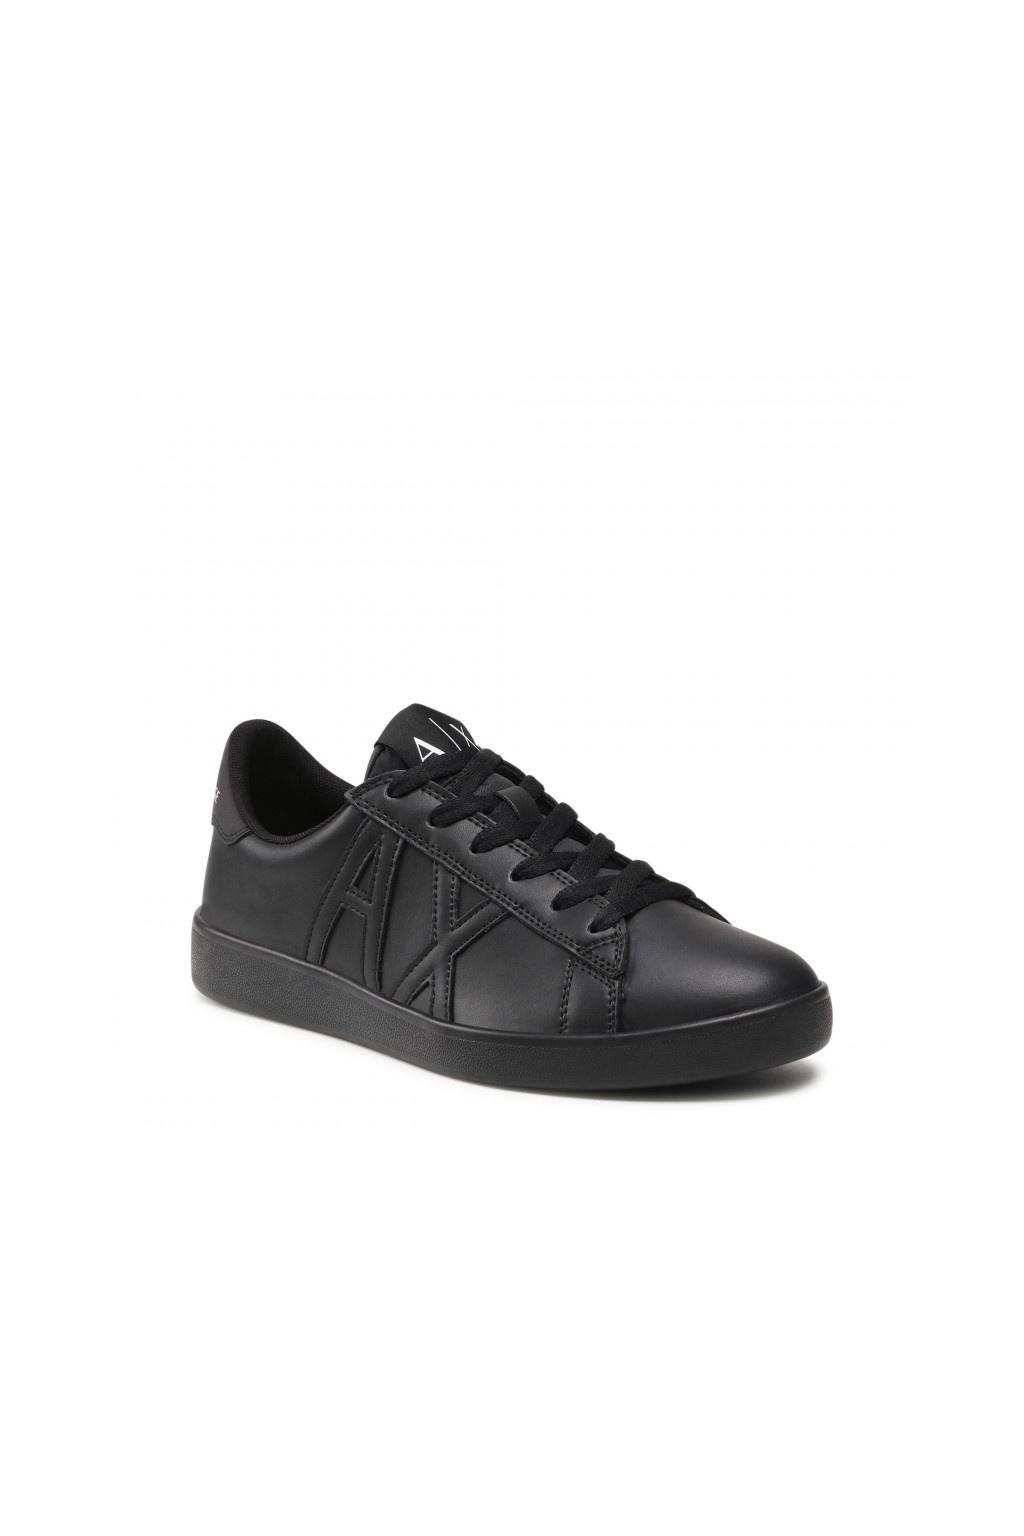 Pánské kožené tenisky Armani Exchange XUX016 XCC71 černé